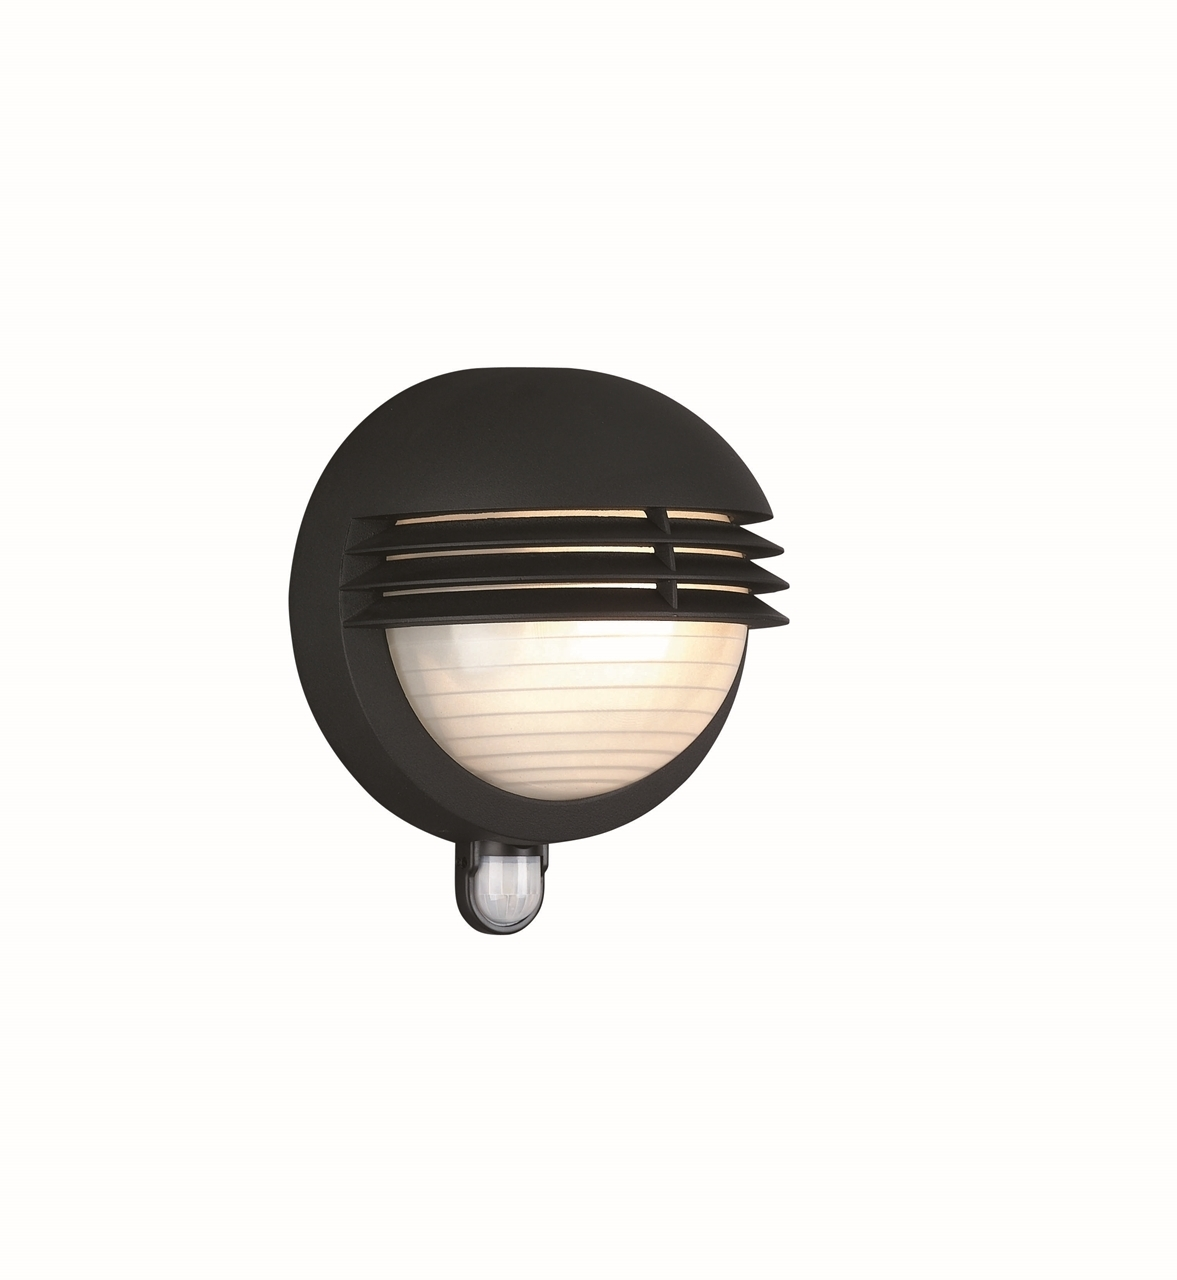 K Lighting Supplies – Indoor, Outdoor & Led Lighting Specialists Regarding Outdoor Wall Lights With Pir (#11 of 15)